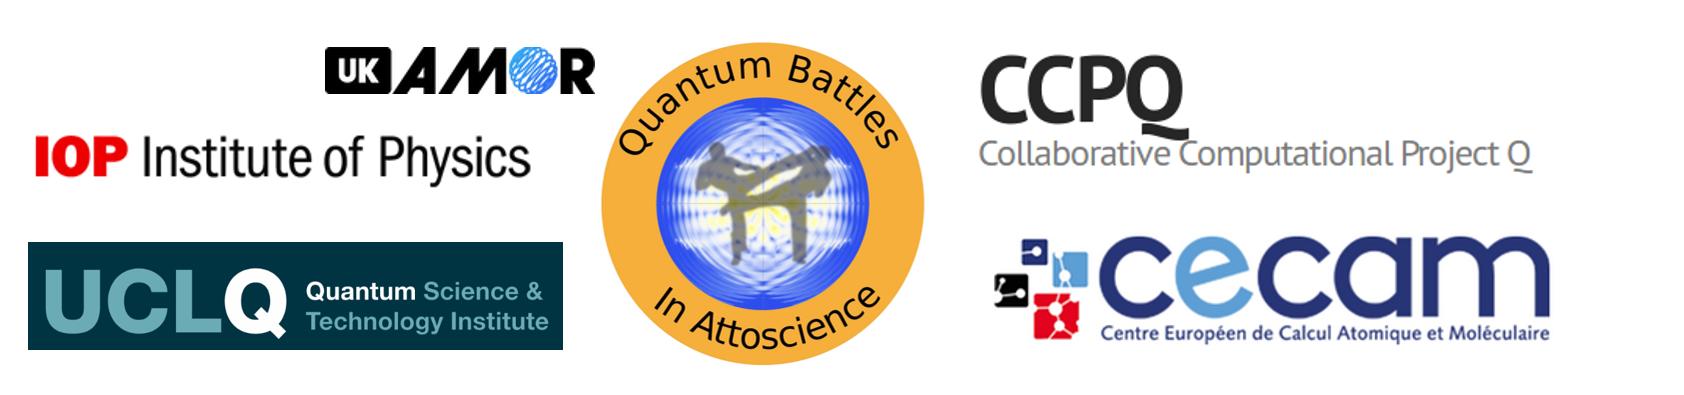 Quantum Battles in Attoscience